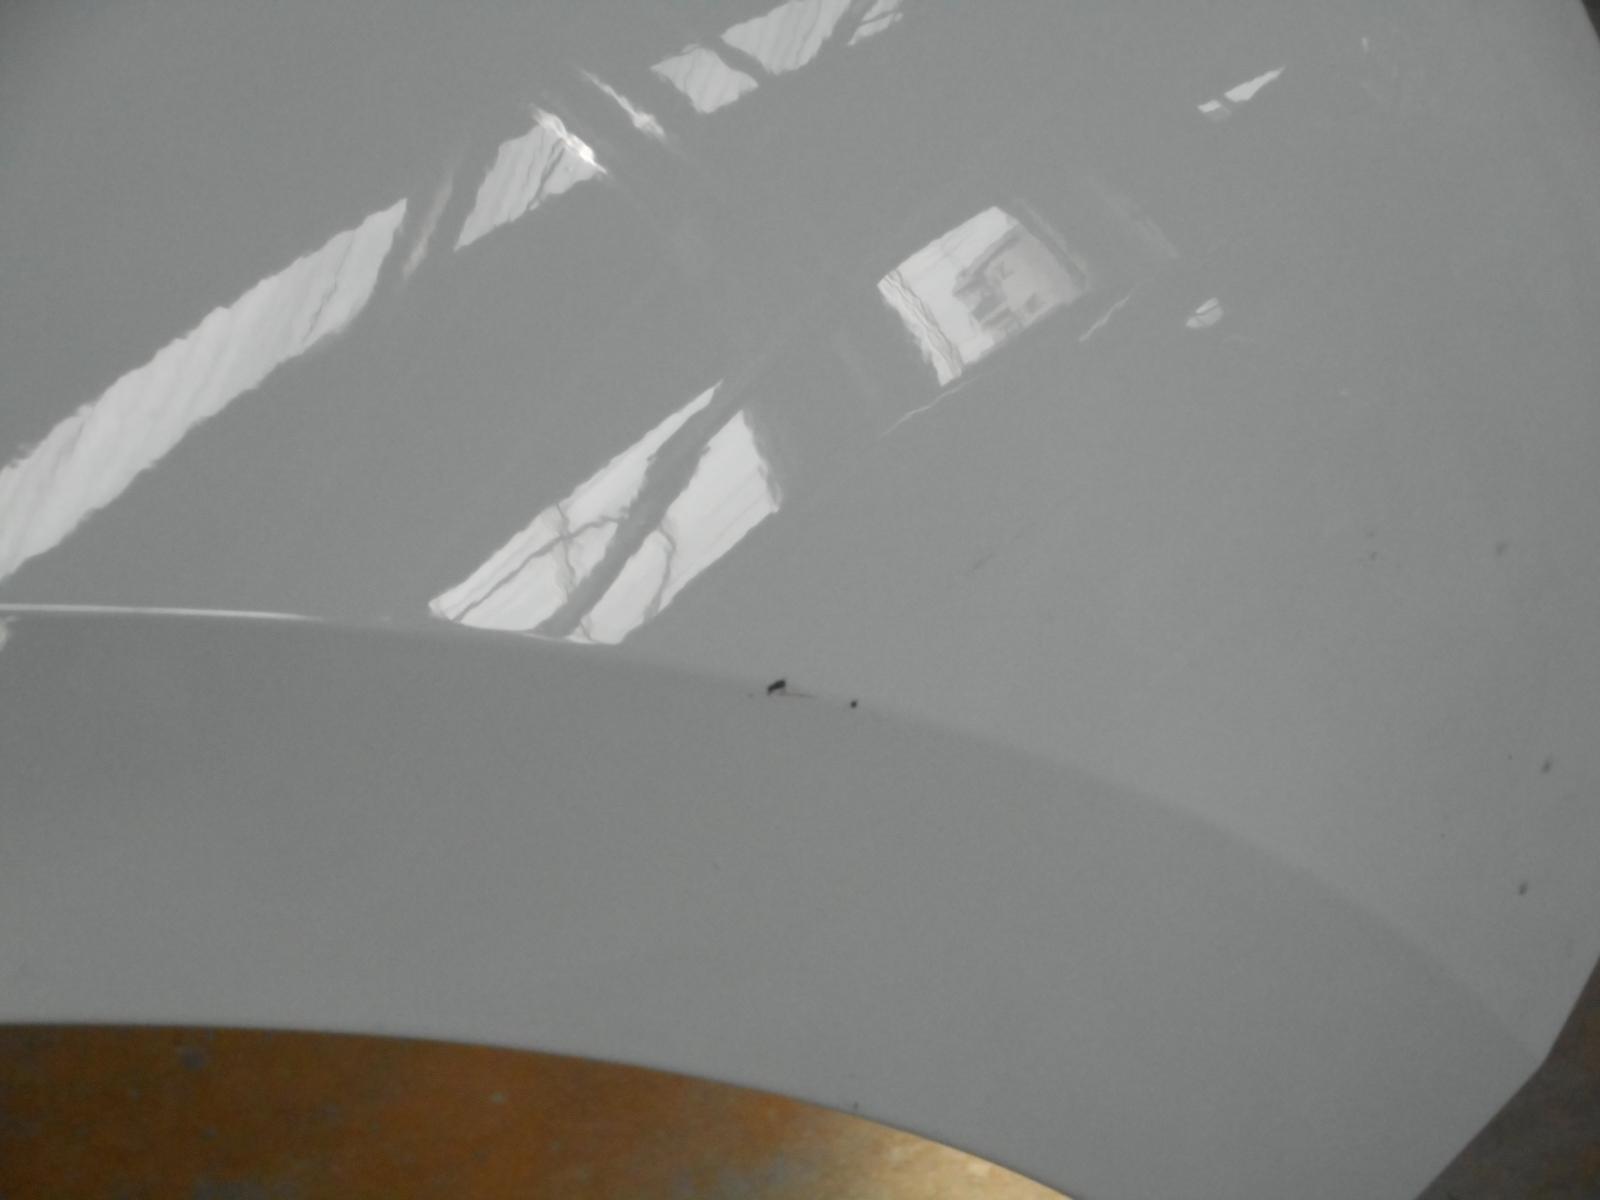 自社整備工場内でボデー塗装ができます。_c0267693_21502545.jpg